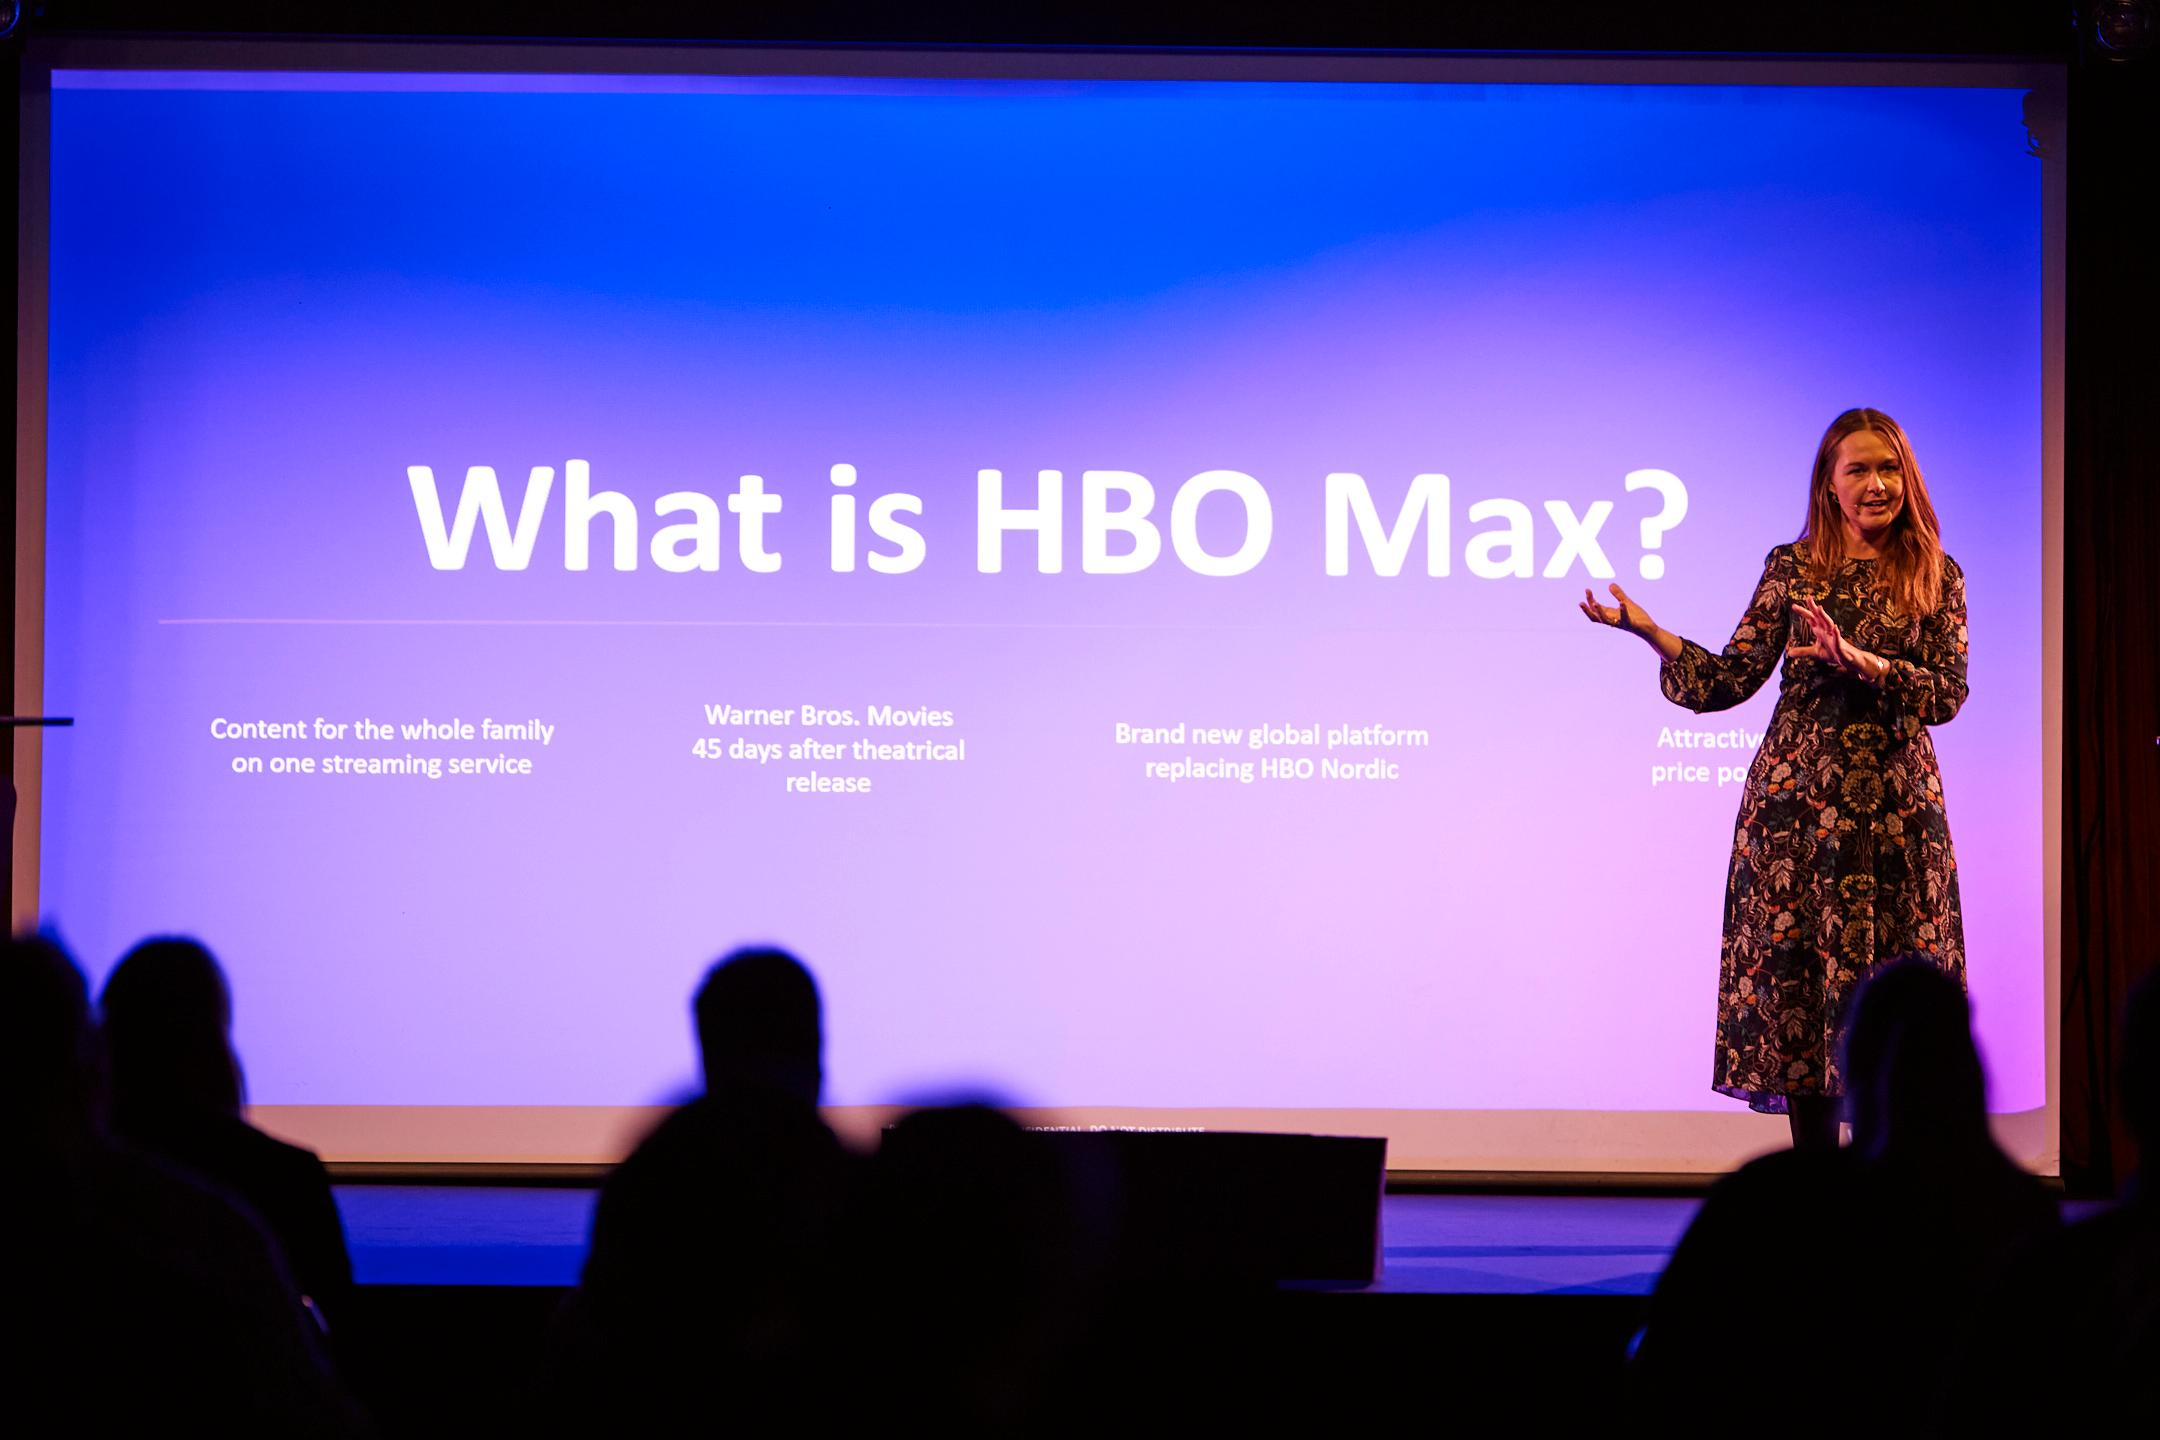 Christina Sulebakk, General Manager, HBO Max EMEA, presenterte den nye strømmetjenesten på et arrangement i Oslo.